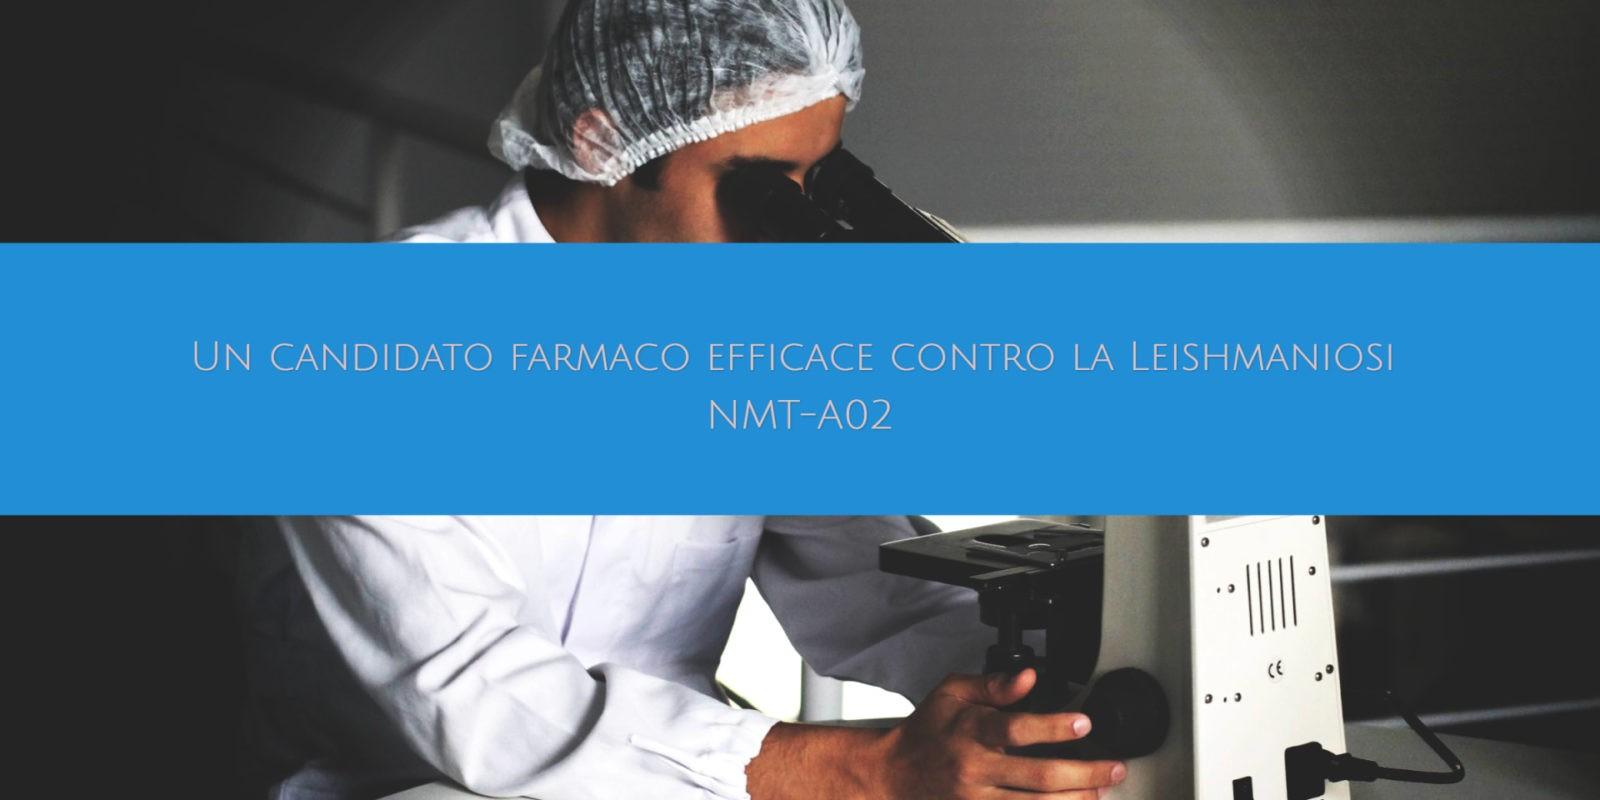 Un candidato farmaco efficace contro la Leishmaniosi NMT-A02